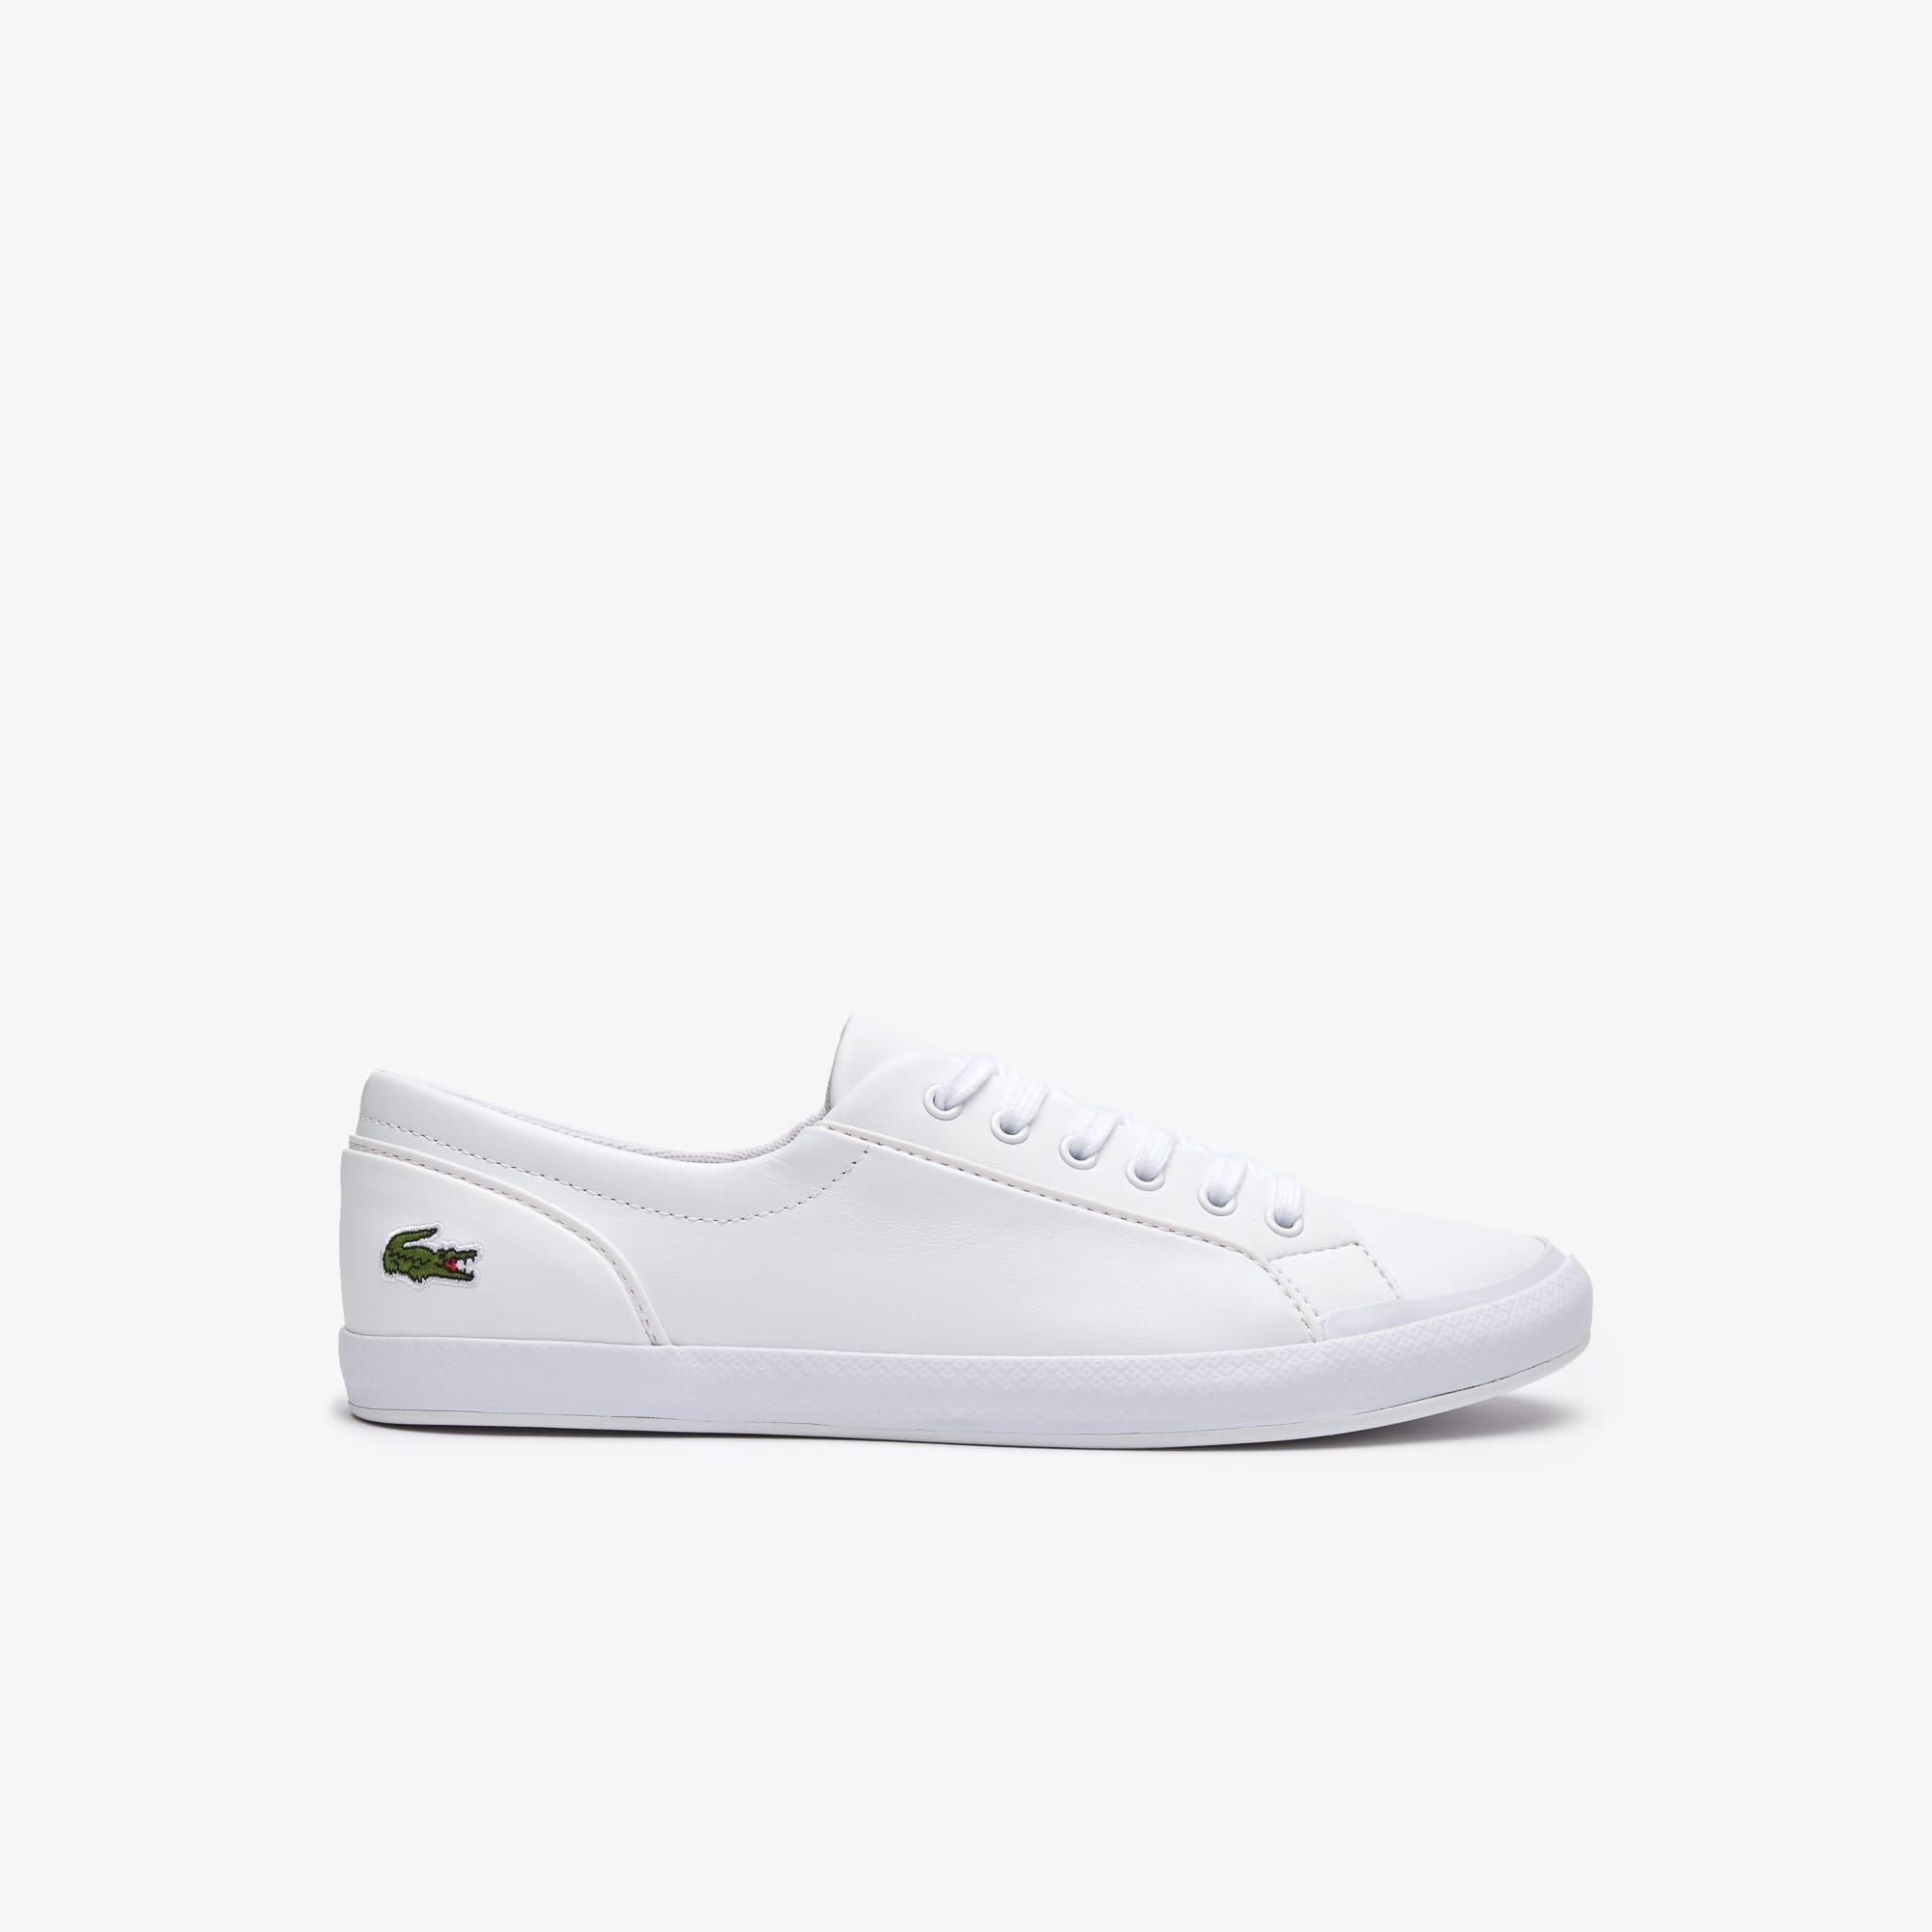 حذاء Lancelle BL من الجلد الرياضي للنساء